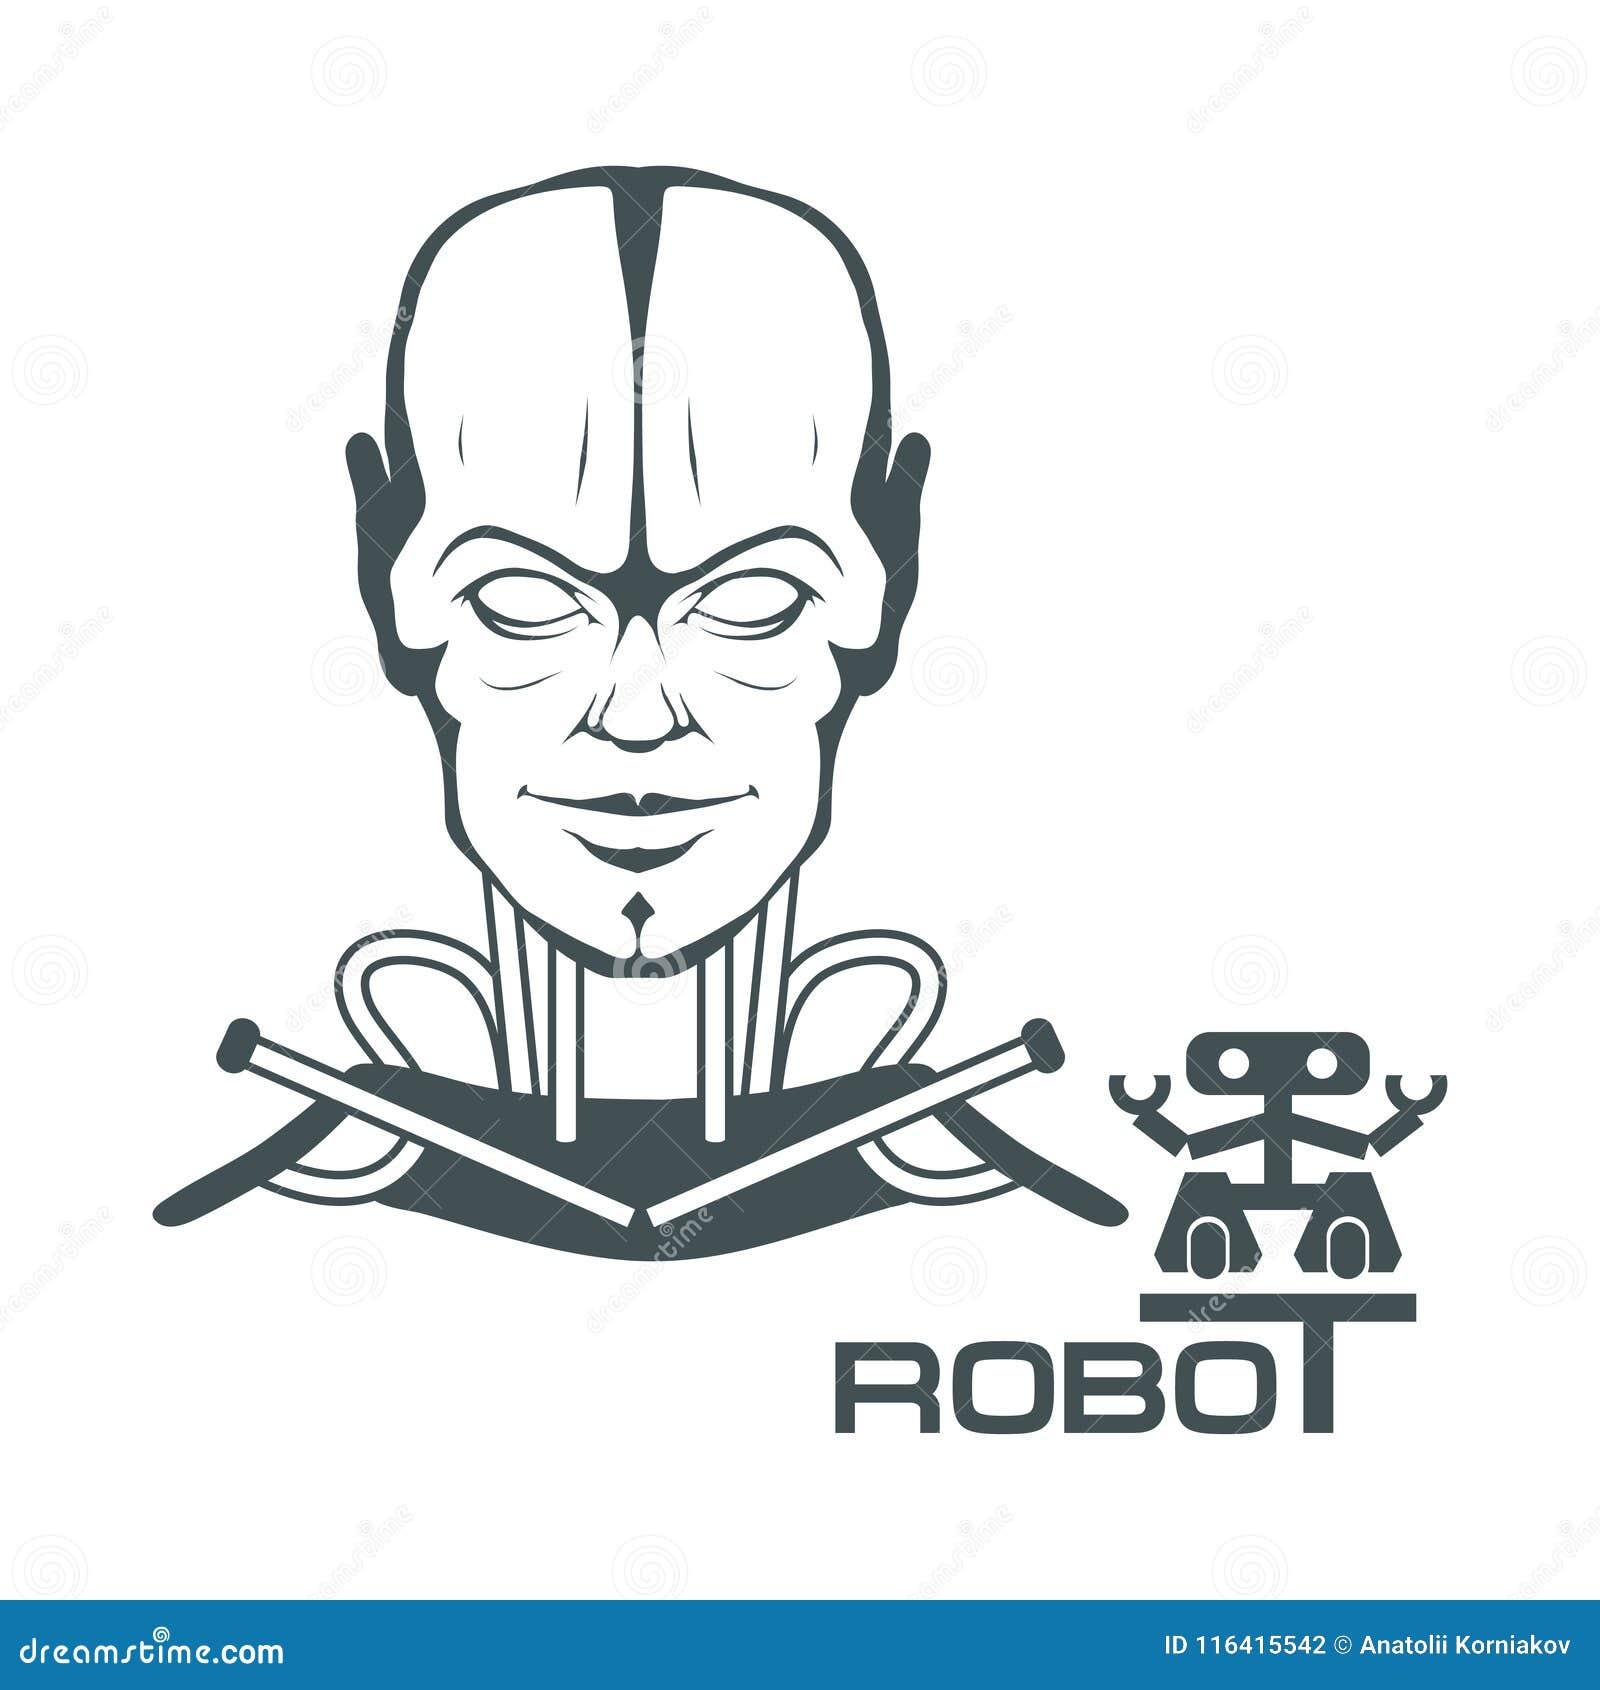 Robotic Face Robot Logo For Design Robotics Stock Vector